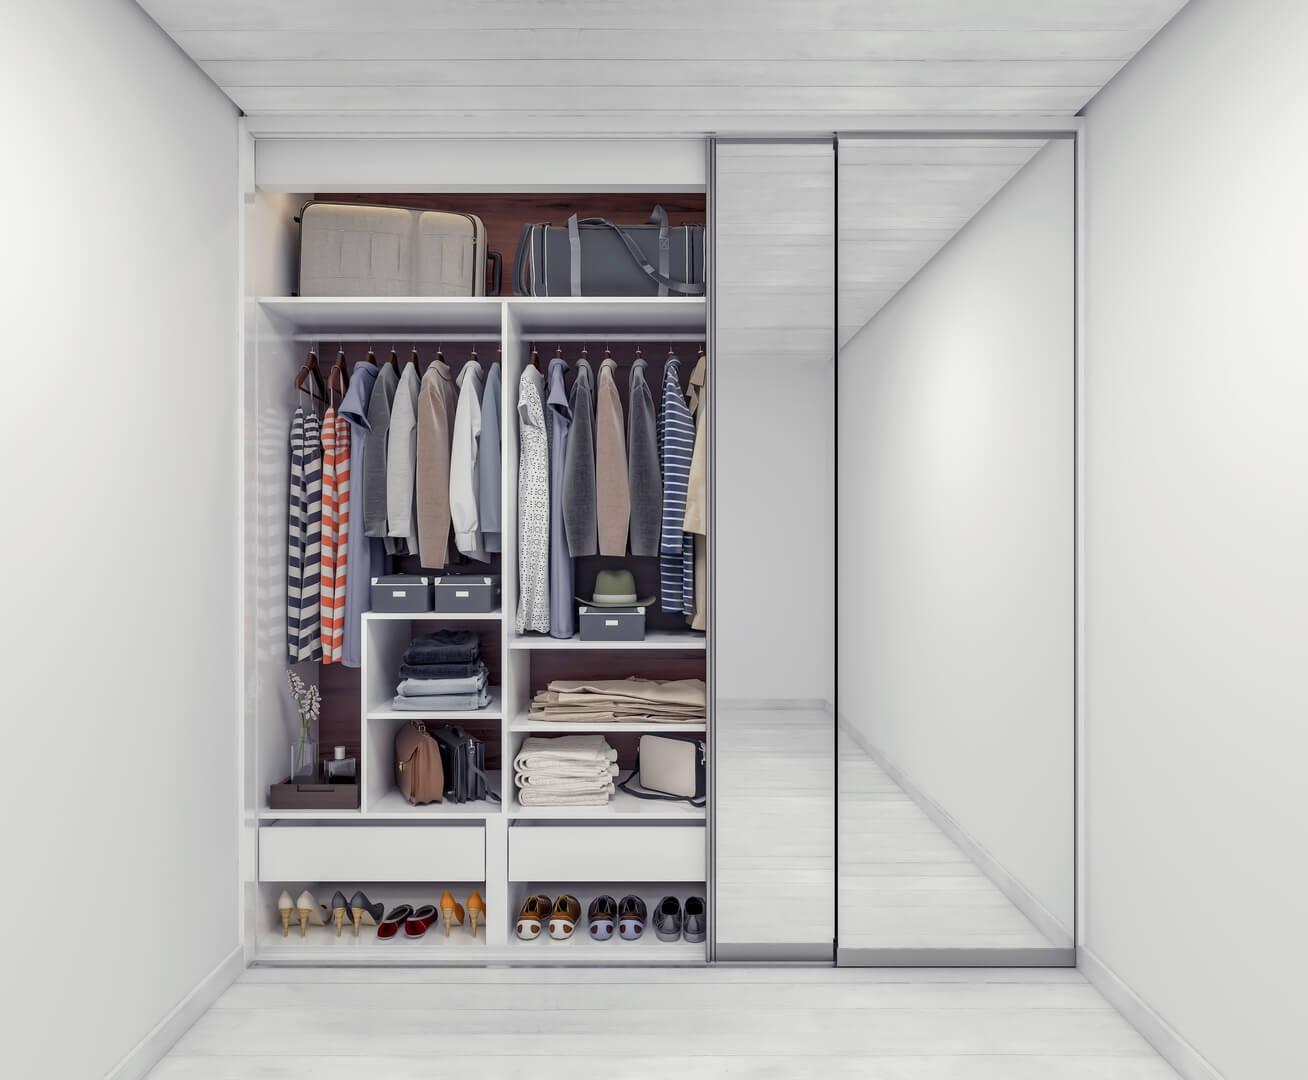 Szafa w sypialni z lustrami na drzwiach przesuwnych